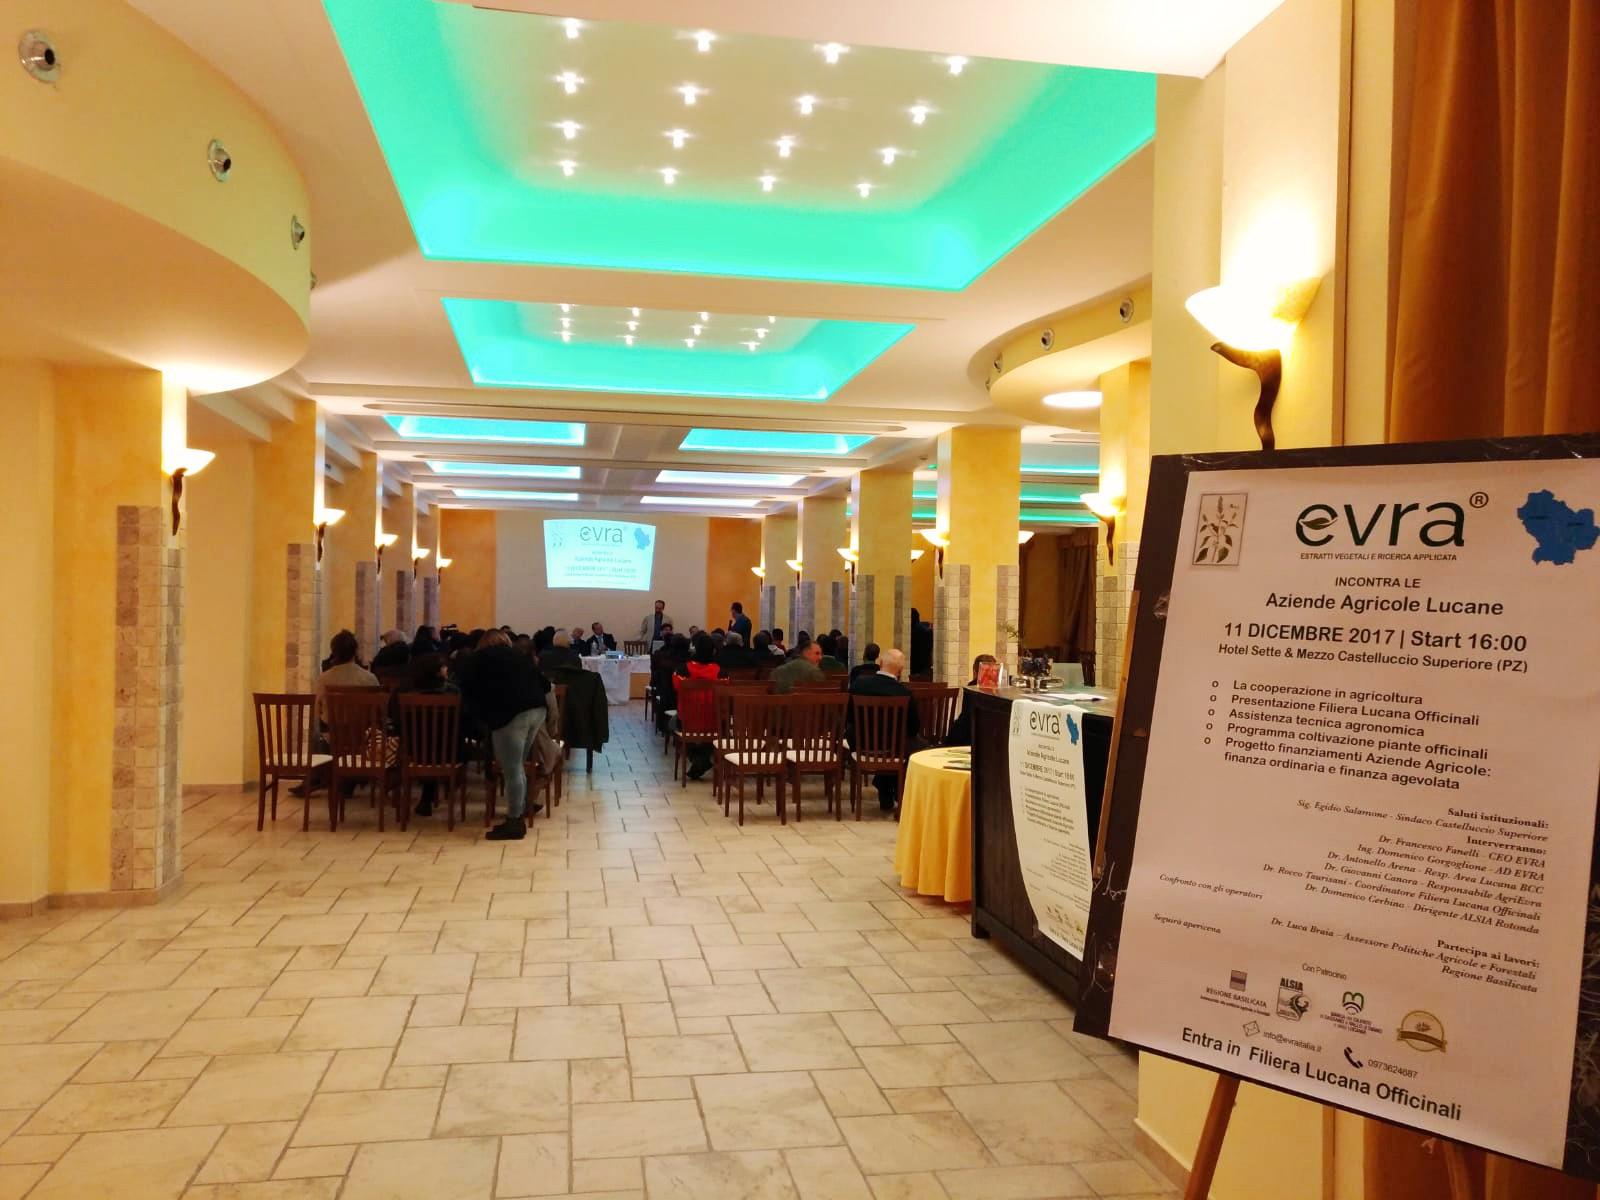 convegno-EVRA-Sala-dei-Riflessi-Hotel-Sette-e-Mezzo